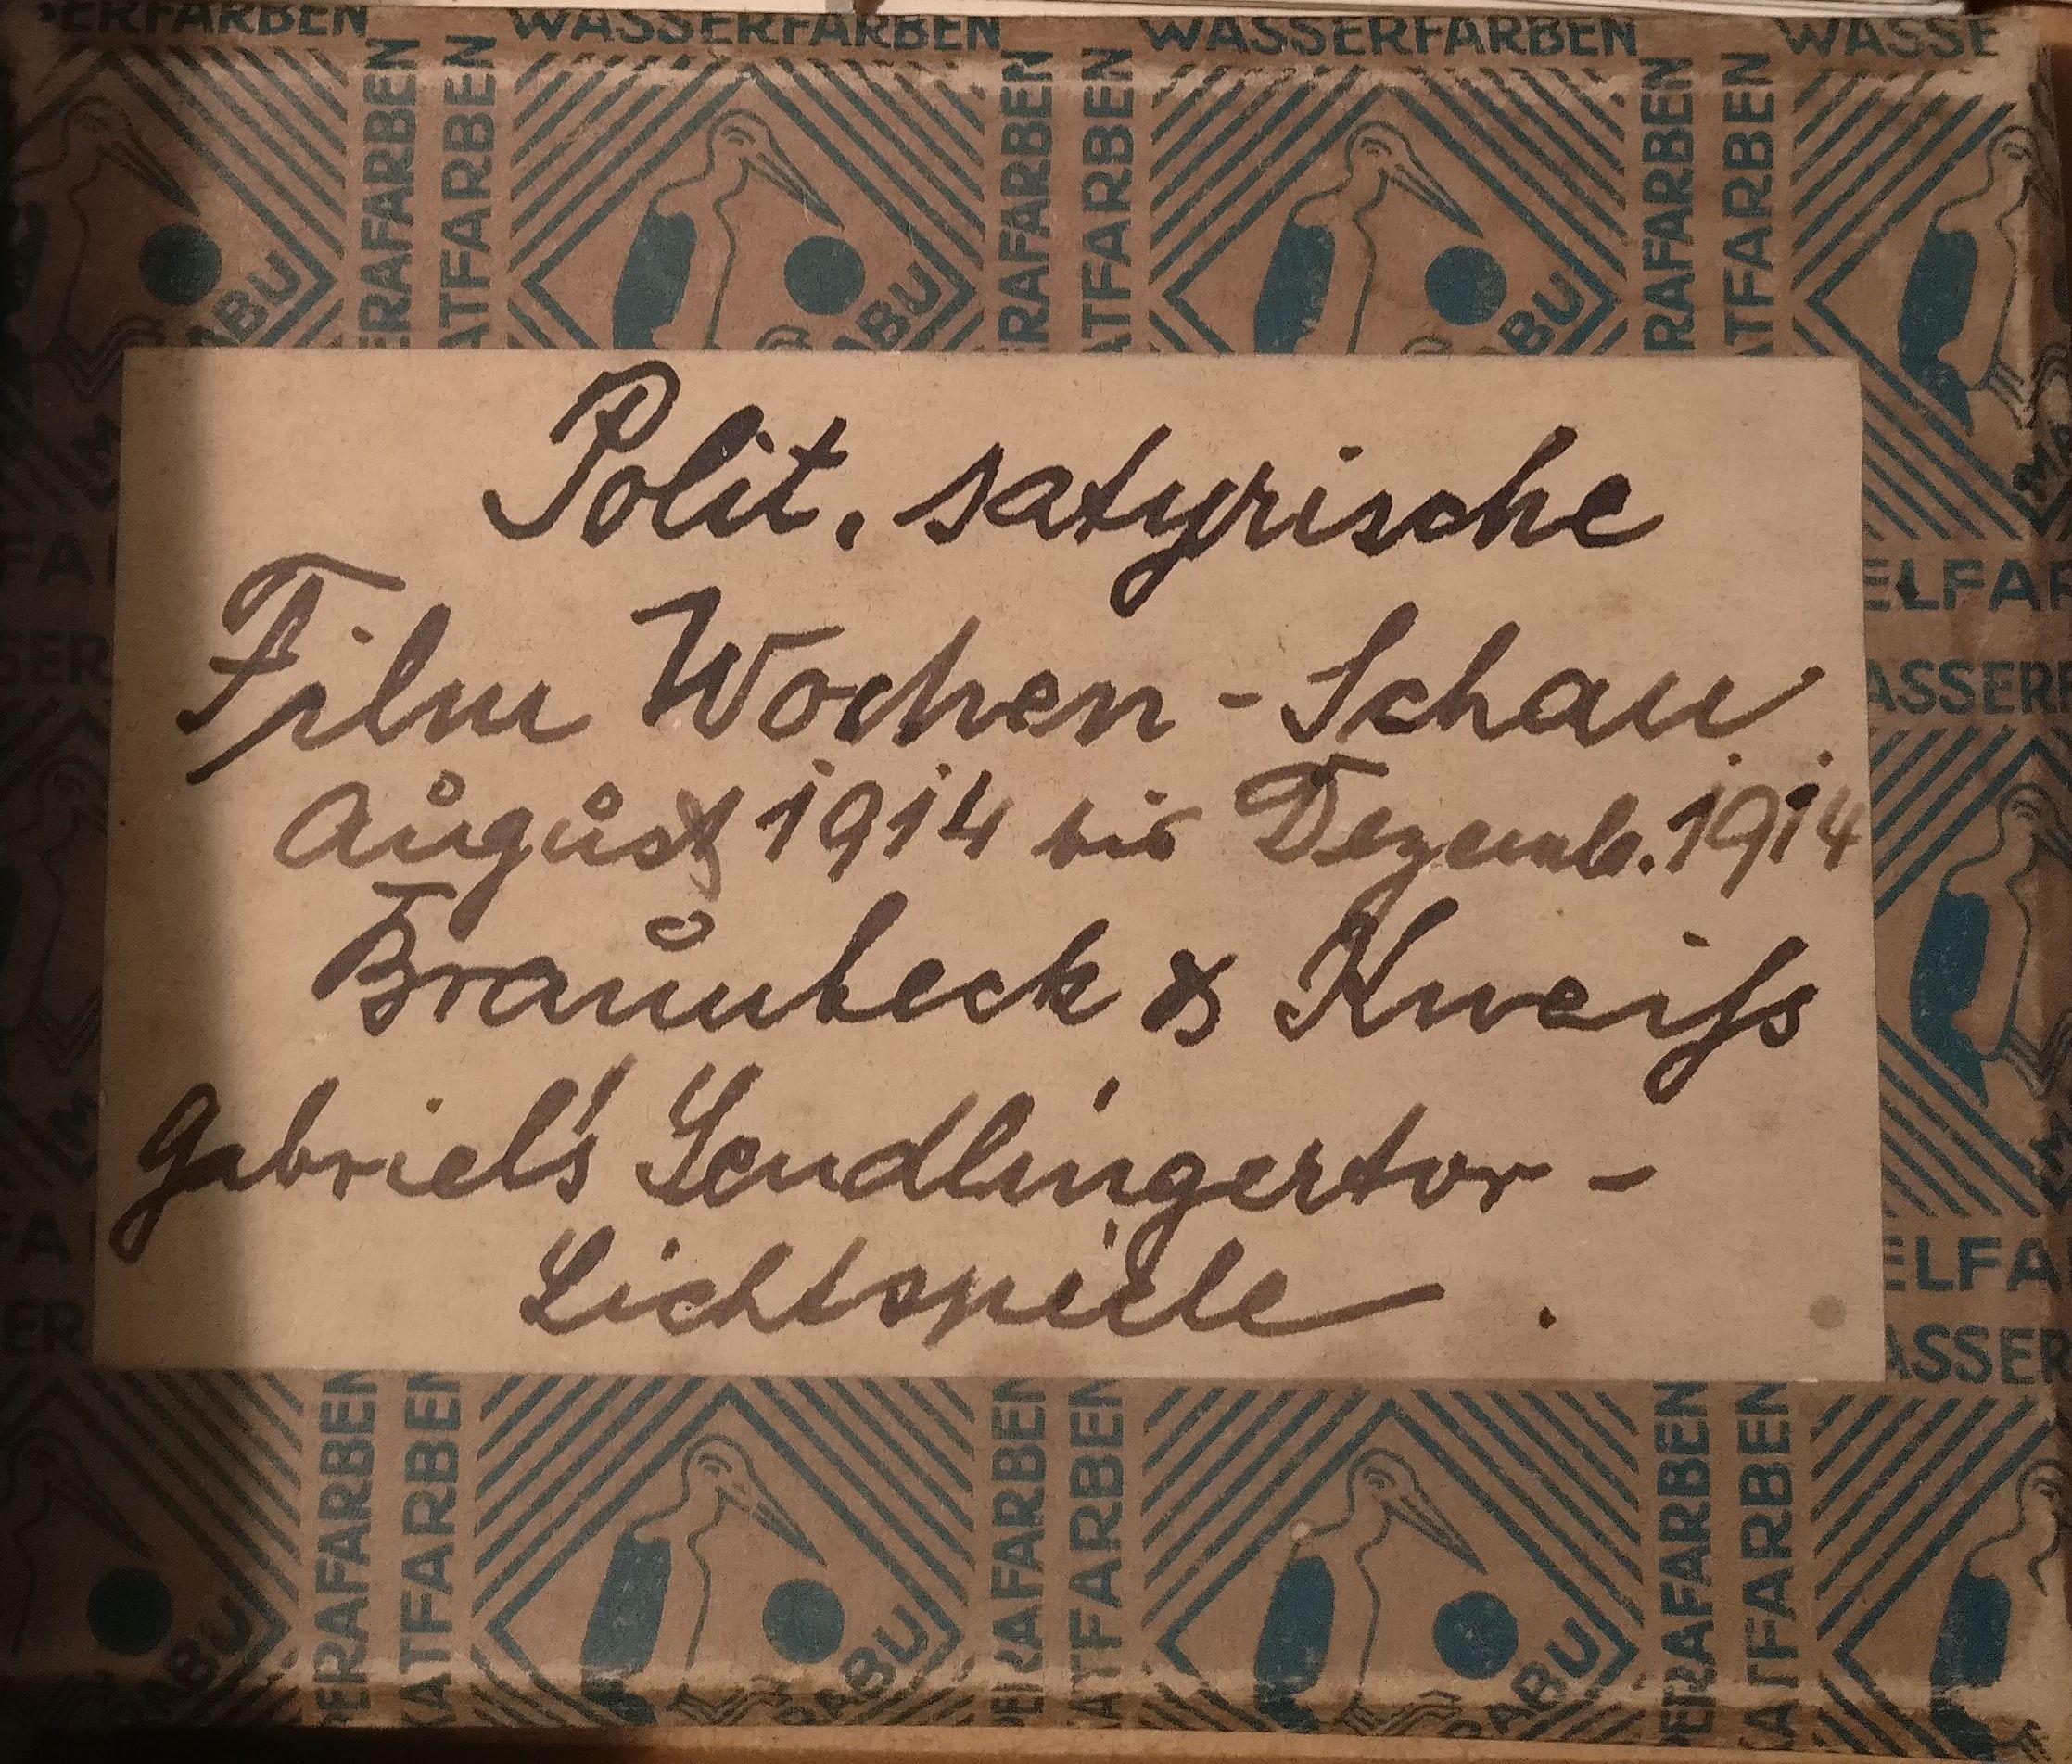 In dieser Schachtel bewahrte Kneiß kleine Filmstücke von Ende 1914 auf